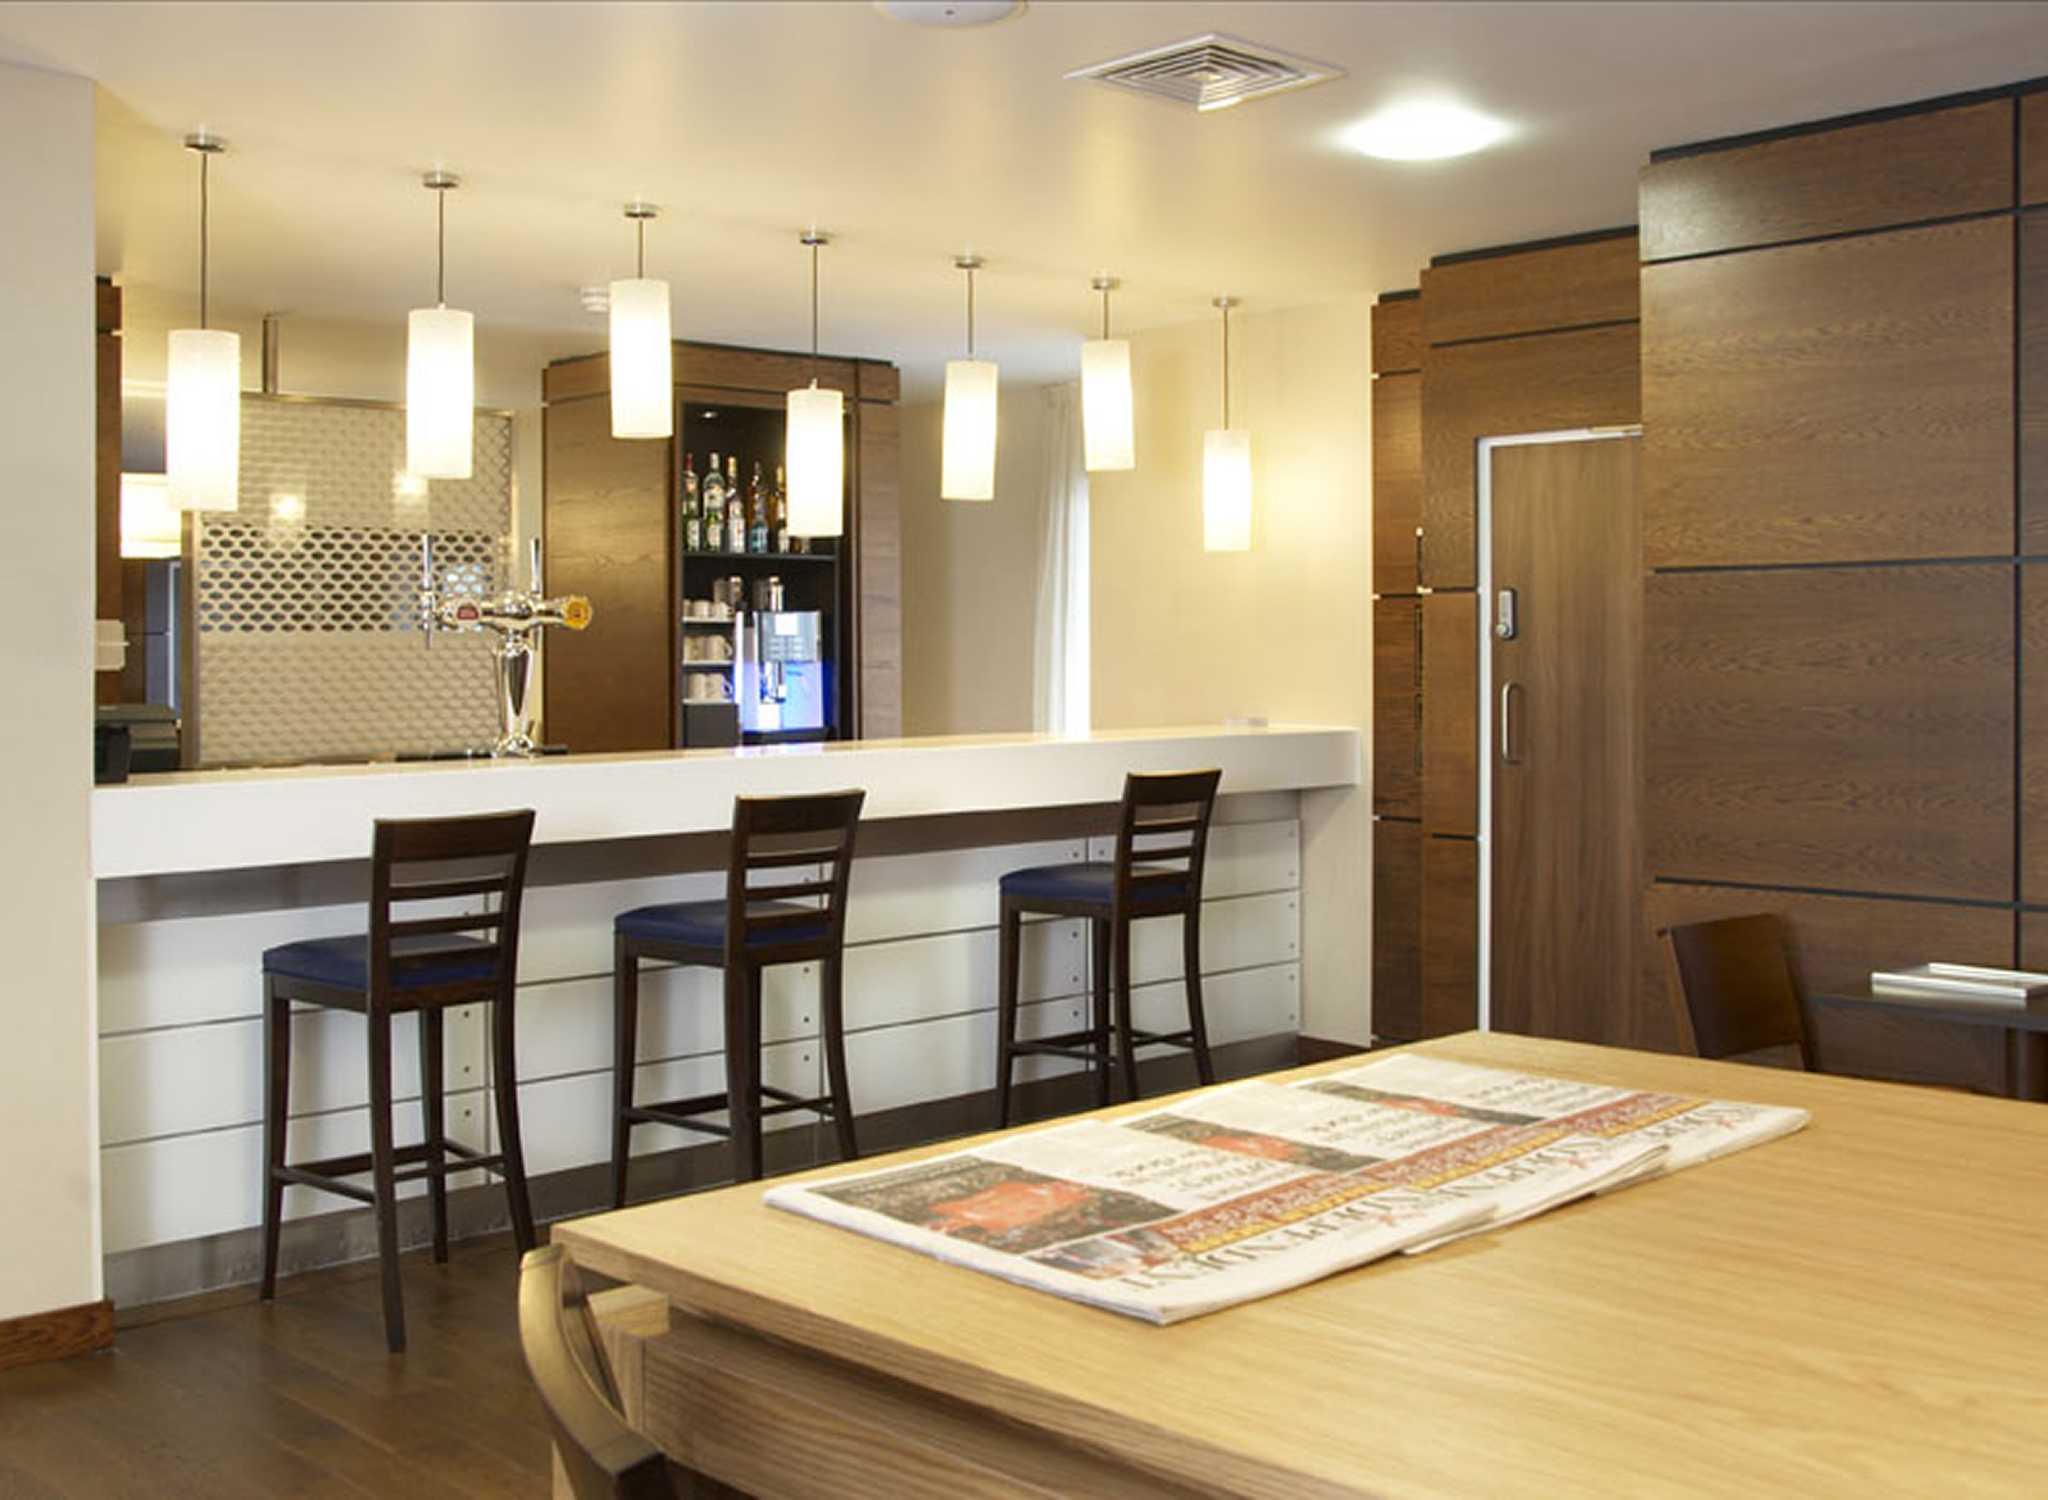 Hilton Hotels & Resorts - Belgique